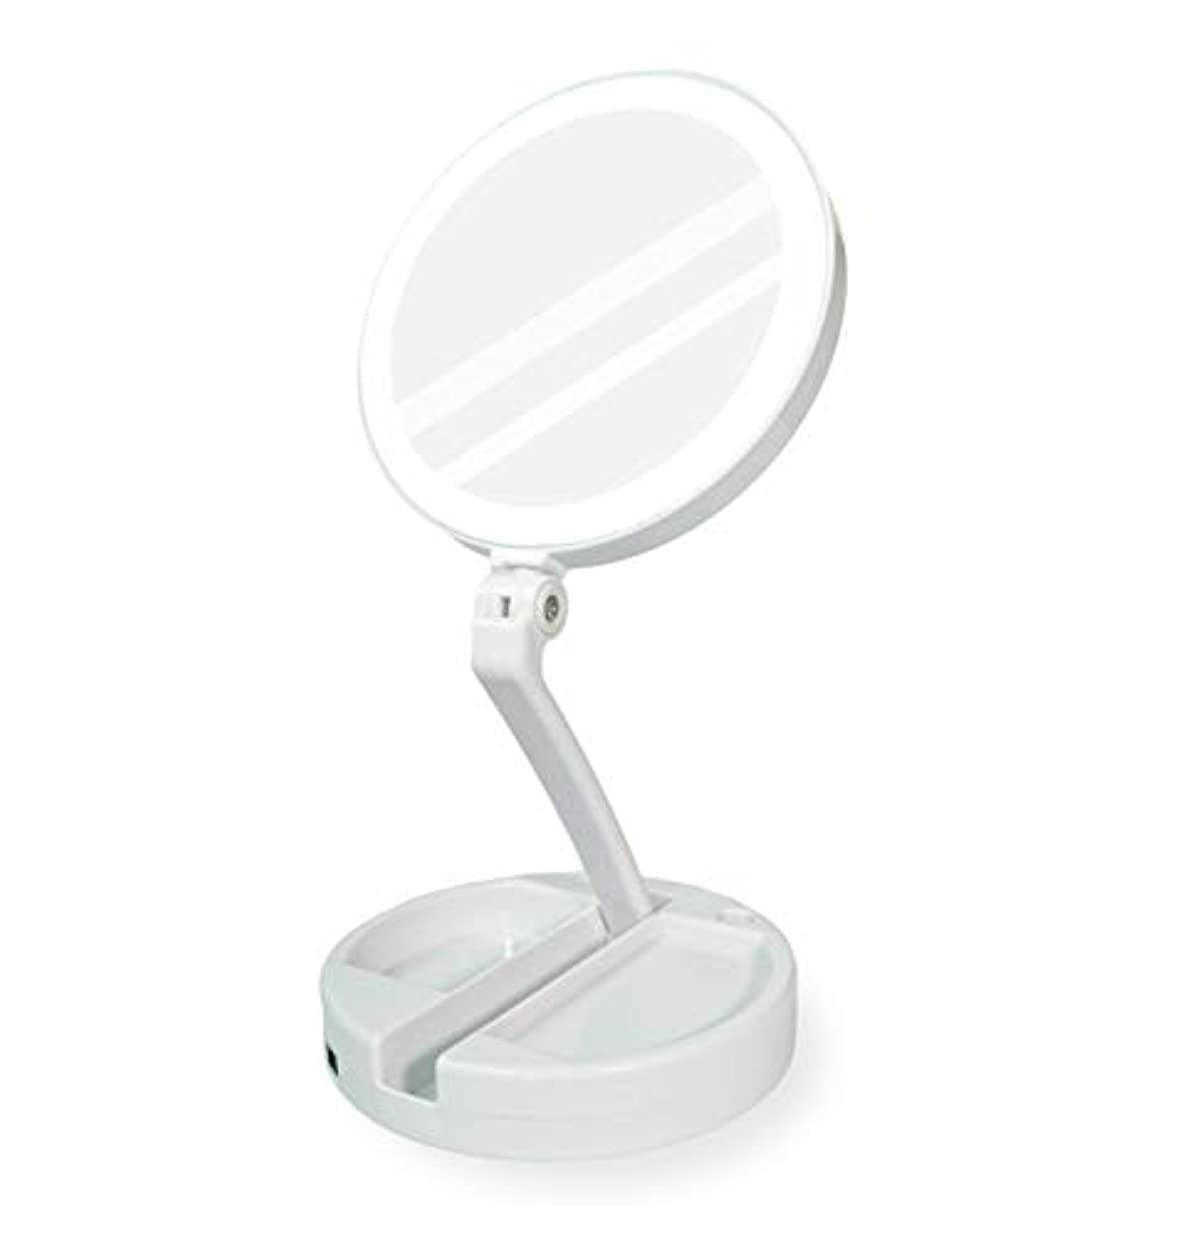 チョークパーチナシティ規則性YEEZEN 両面拡大鏡 等倍と10倍拡大 化粧 無段調光 卓上鏡 ライト付き拡大鏡 化粧鏡 ライトつきミラー 折りたたみ式 360°回転 収納しやすい 鏡 led 拡大ミラー